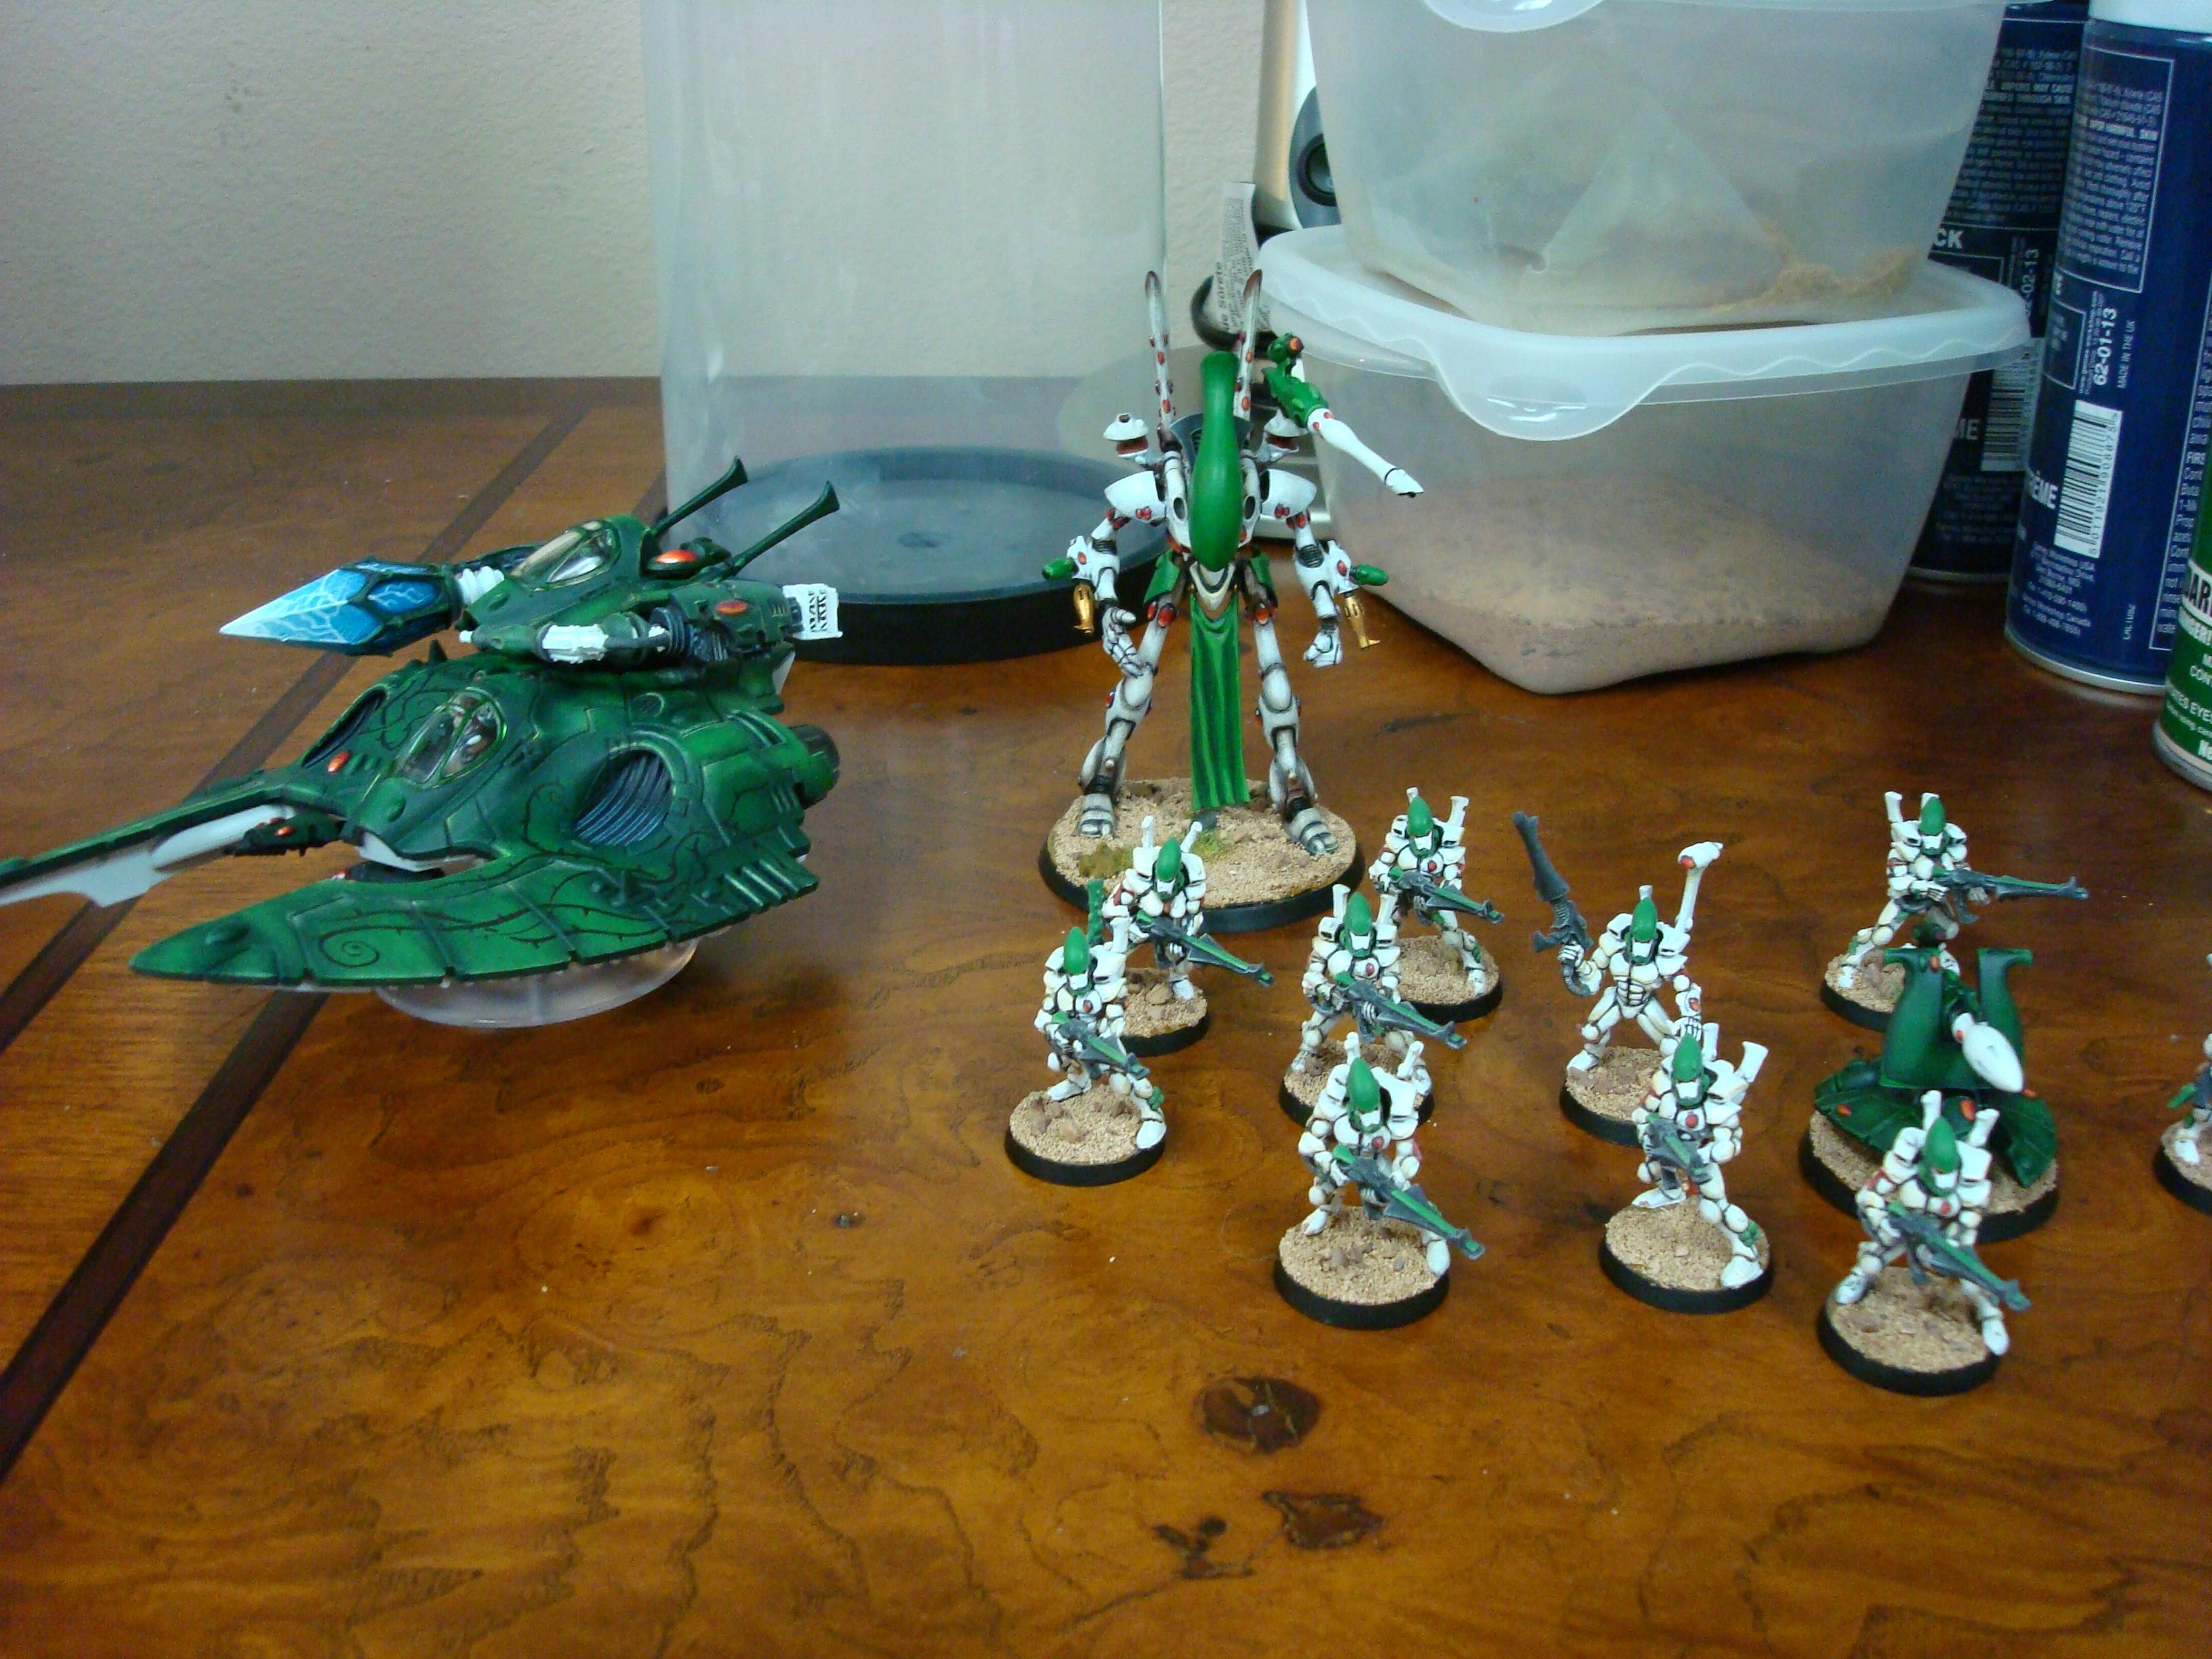 Army, Biel-tan, Eldar, Eldar Missile Launcher, Fire Prism, Guardians, Warhammer 40,000, Wraithlord